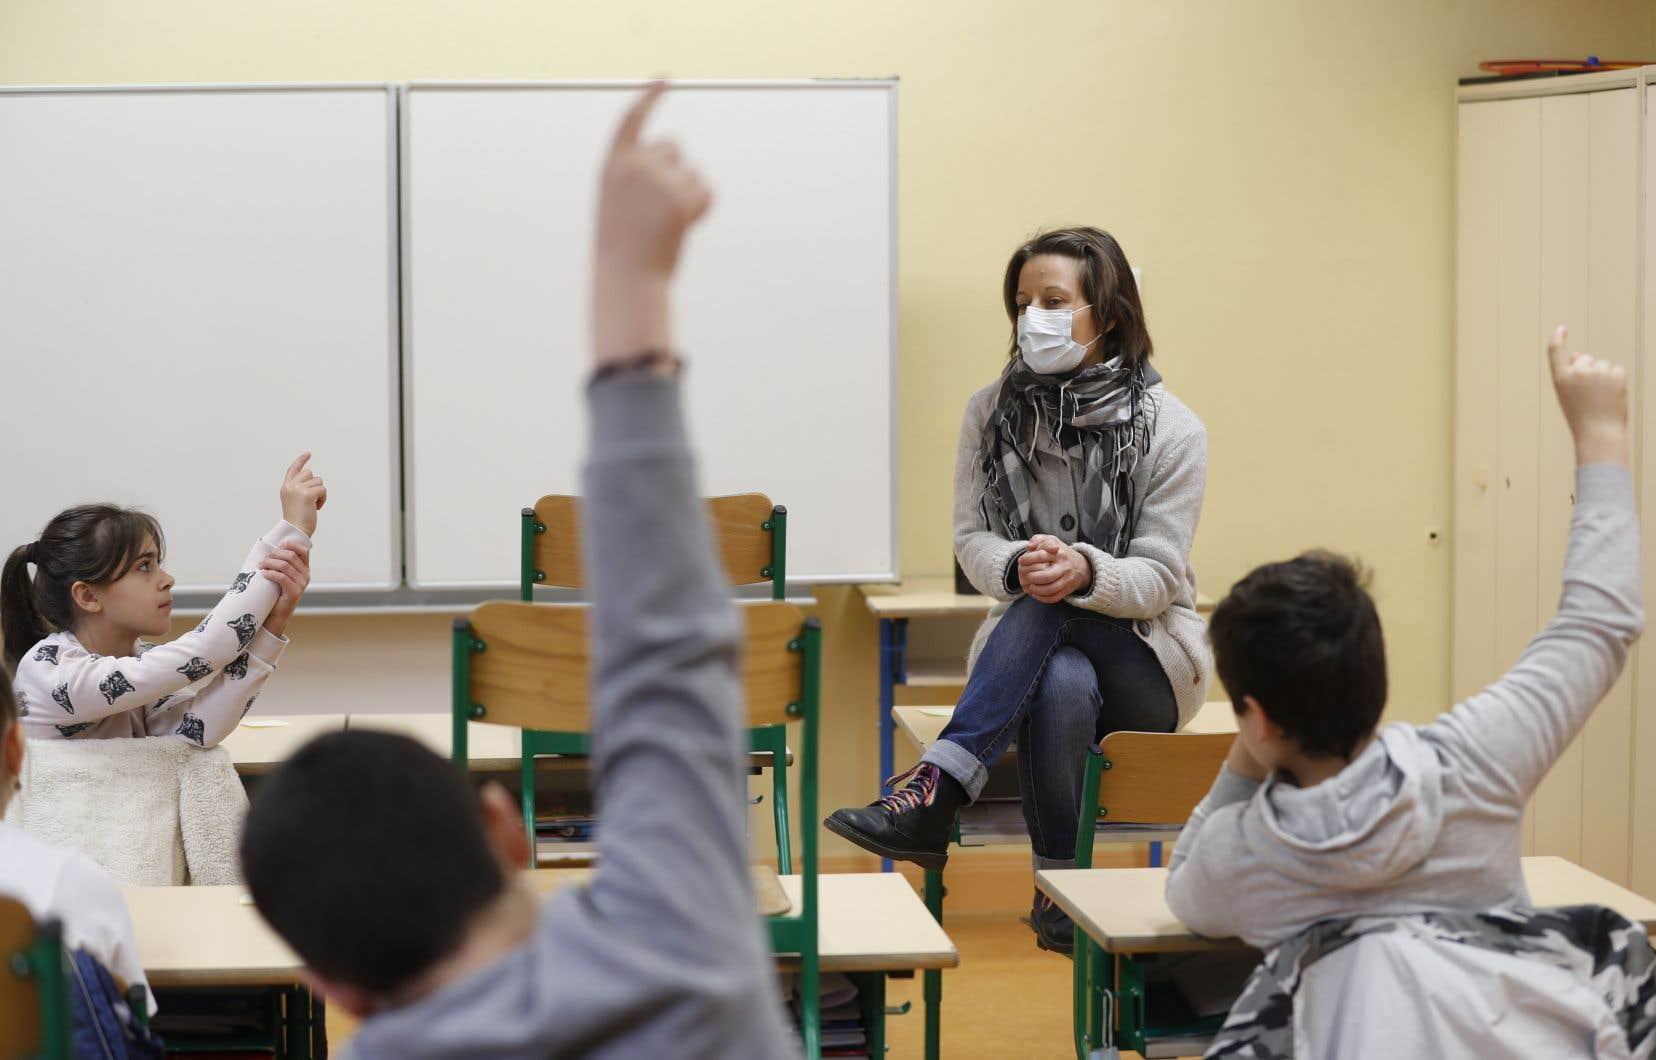 Il est important d'expliquer pourquoi le modèle de la maîtrise qualifiante au secondaire peut difficilement s'appliquer au préscolaire/primaire.